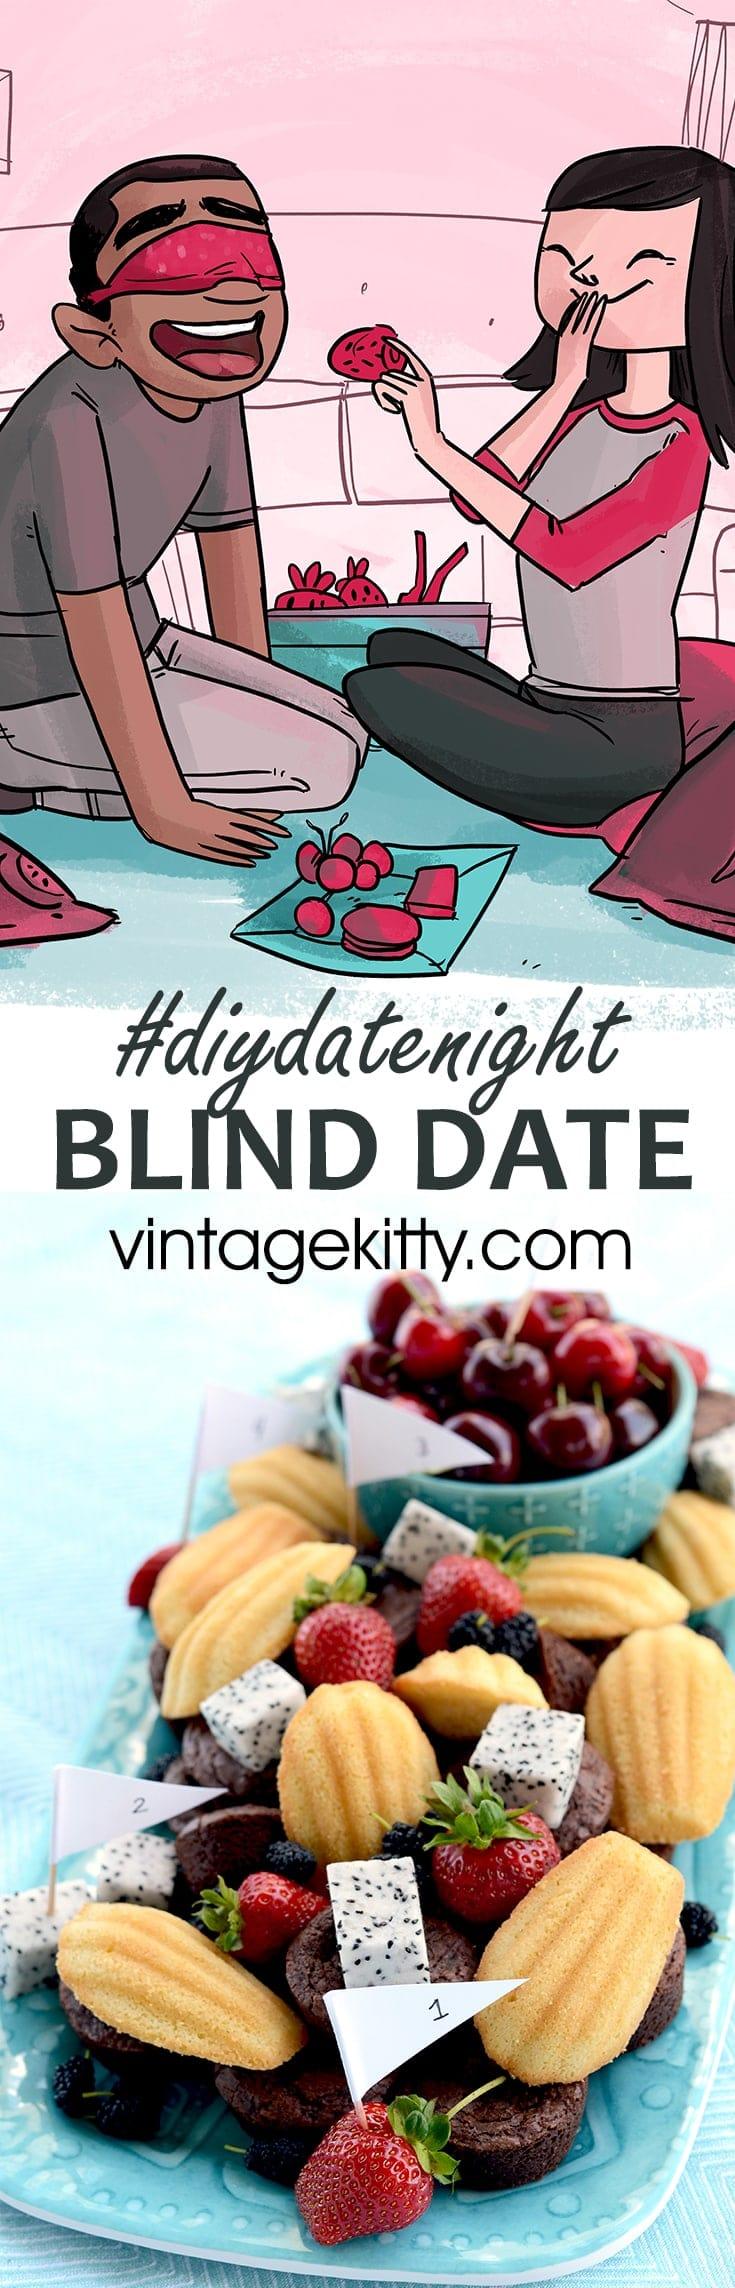 Blind Date Pin - Blind Date #diydatenight